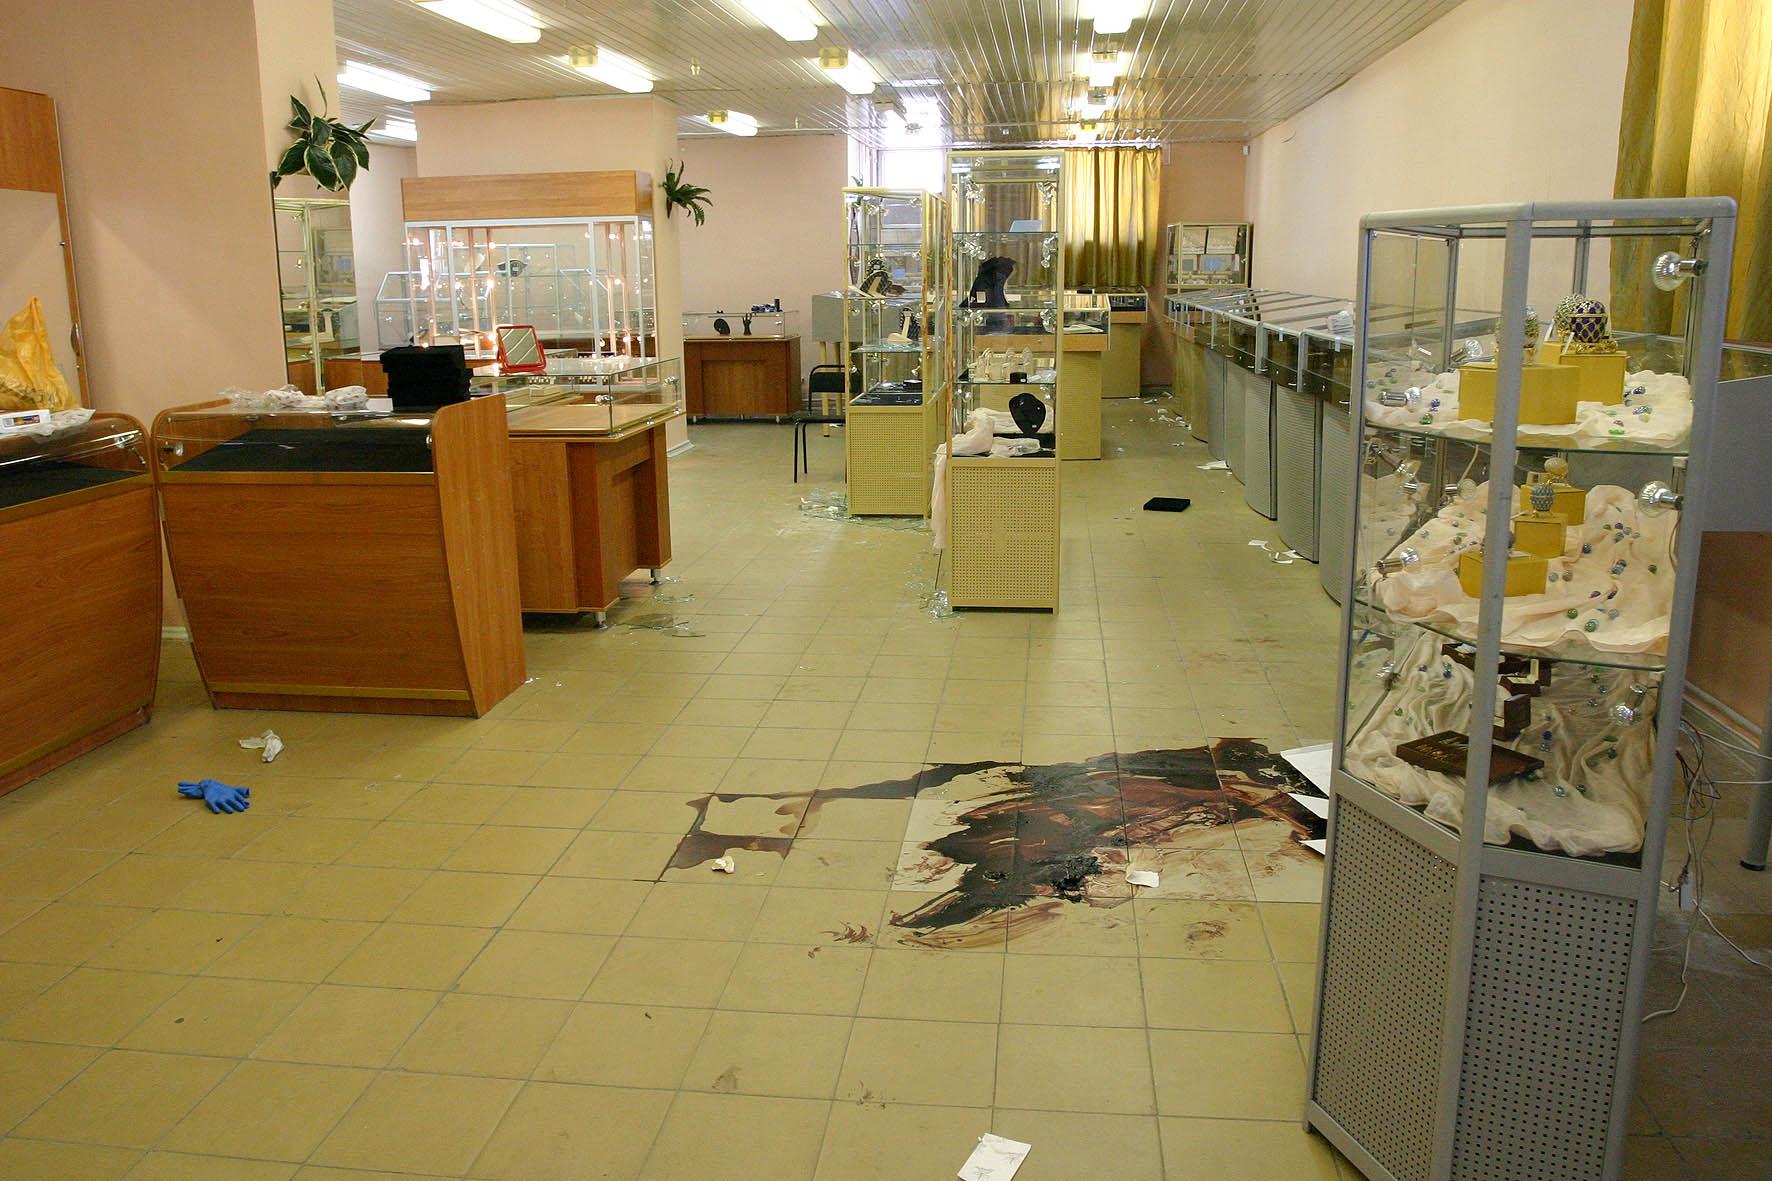 План нападения на ювелирный магазин был продуман до мелочей